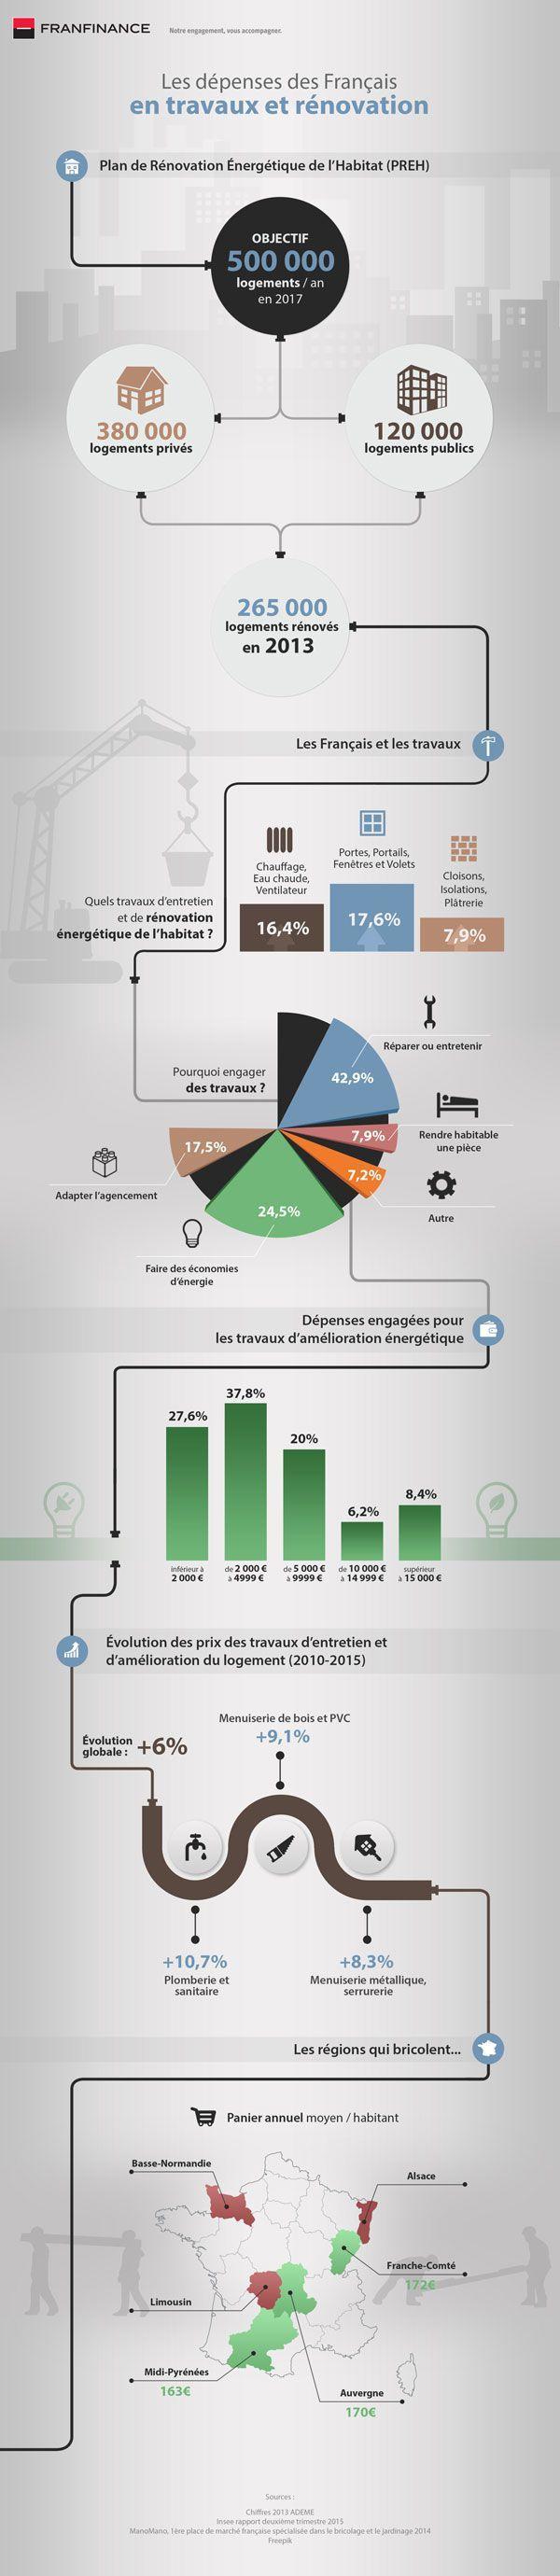 infographie sur les français et les travaux de rénovation